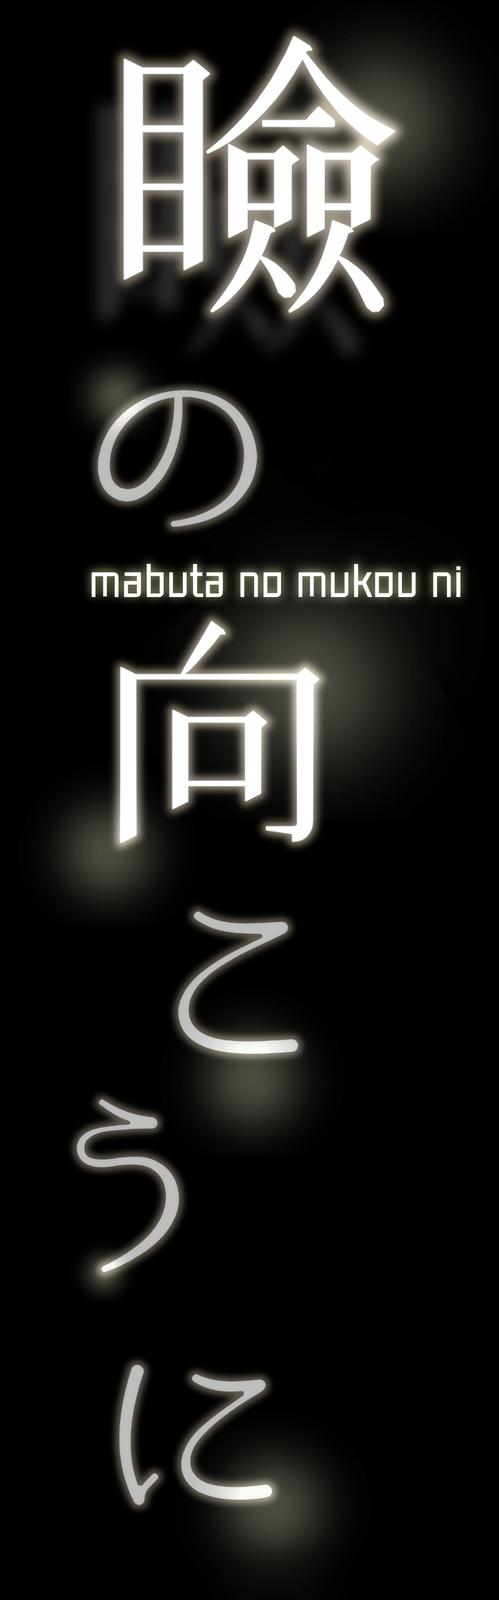 Middle mbutanomukouni